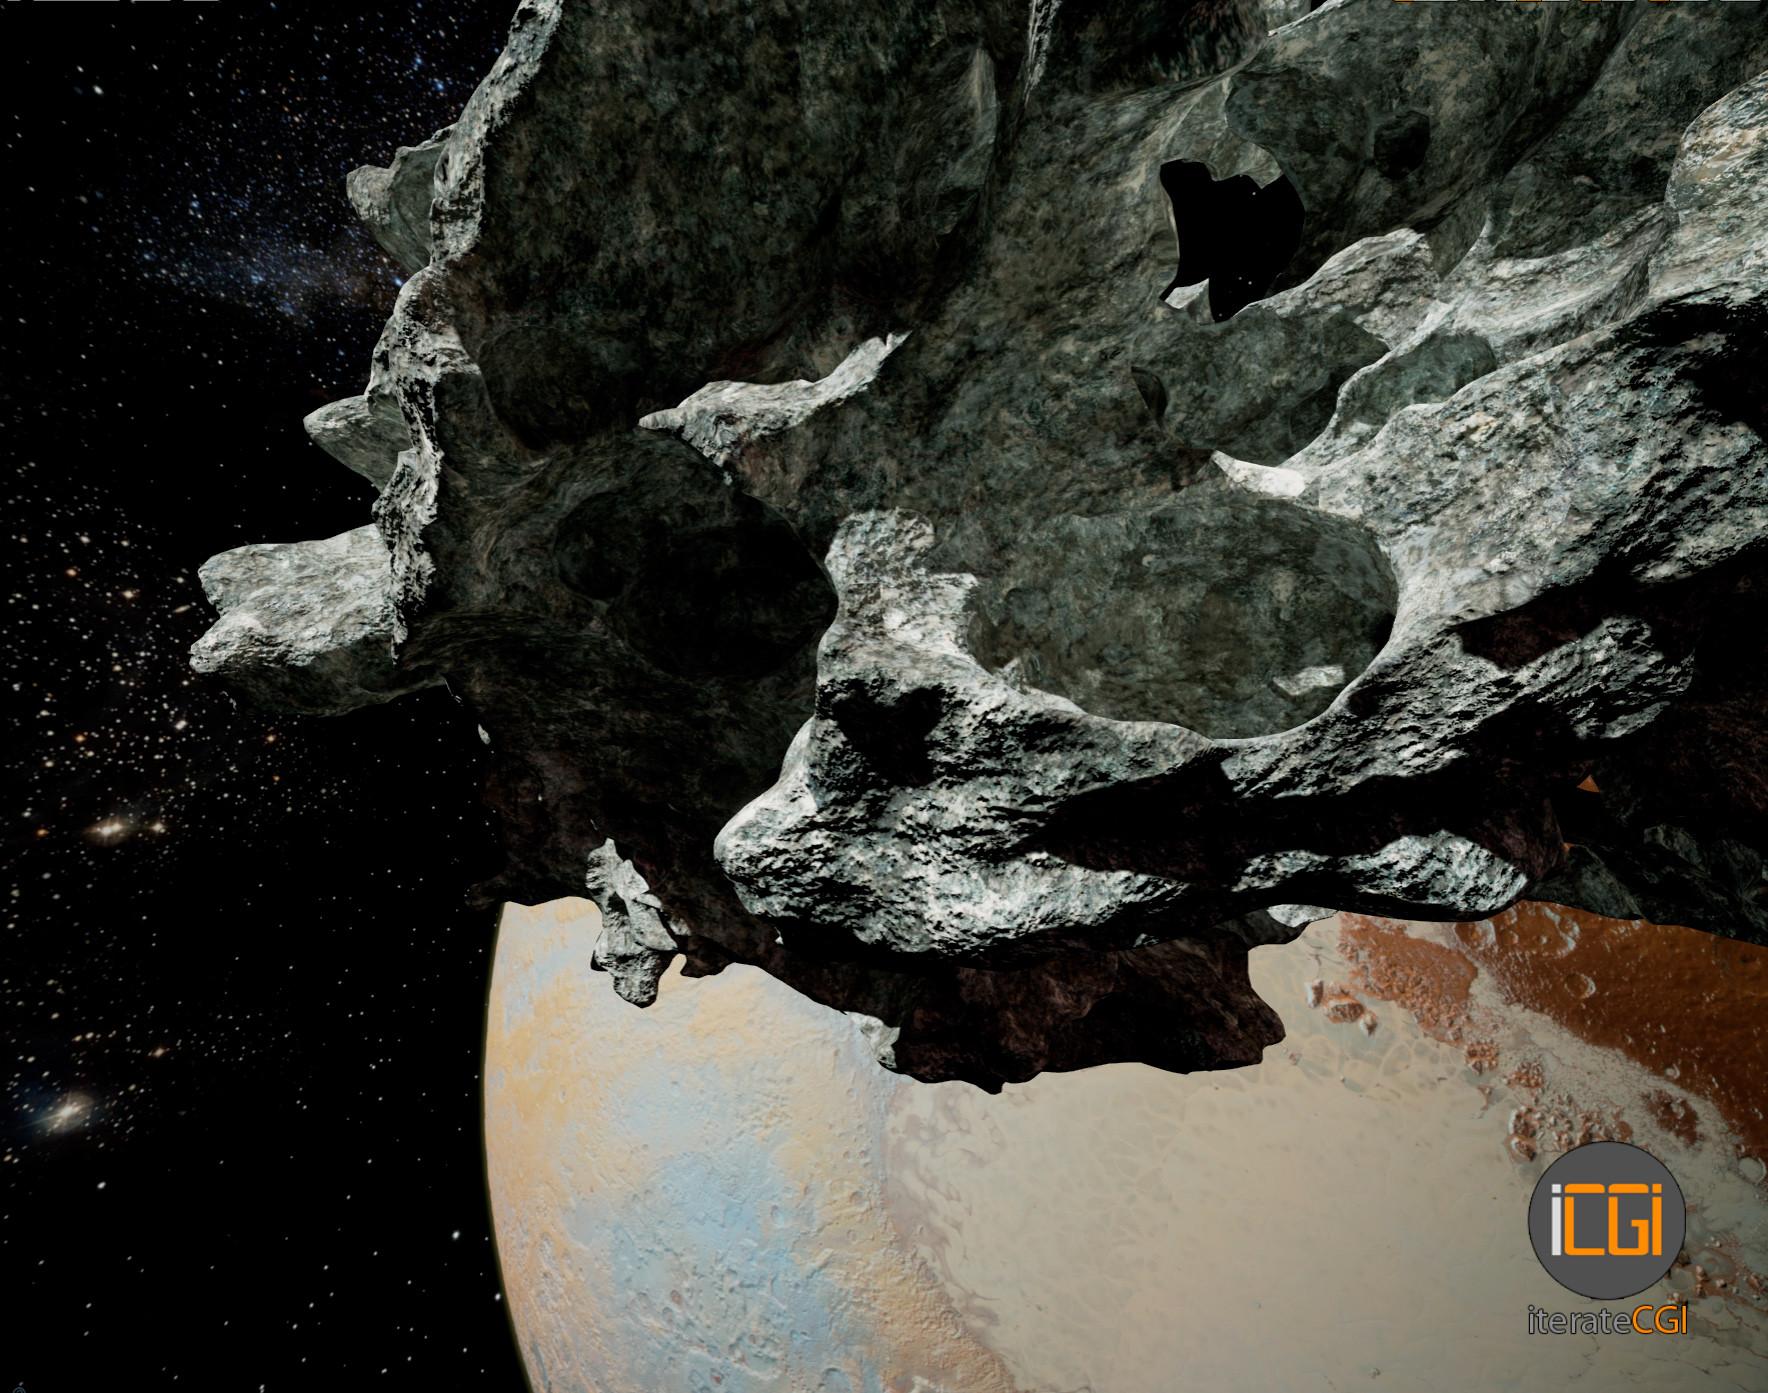 Johan de leenheer 3d asteroid game model 10